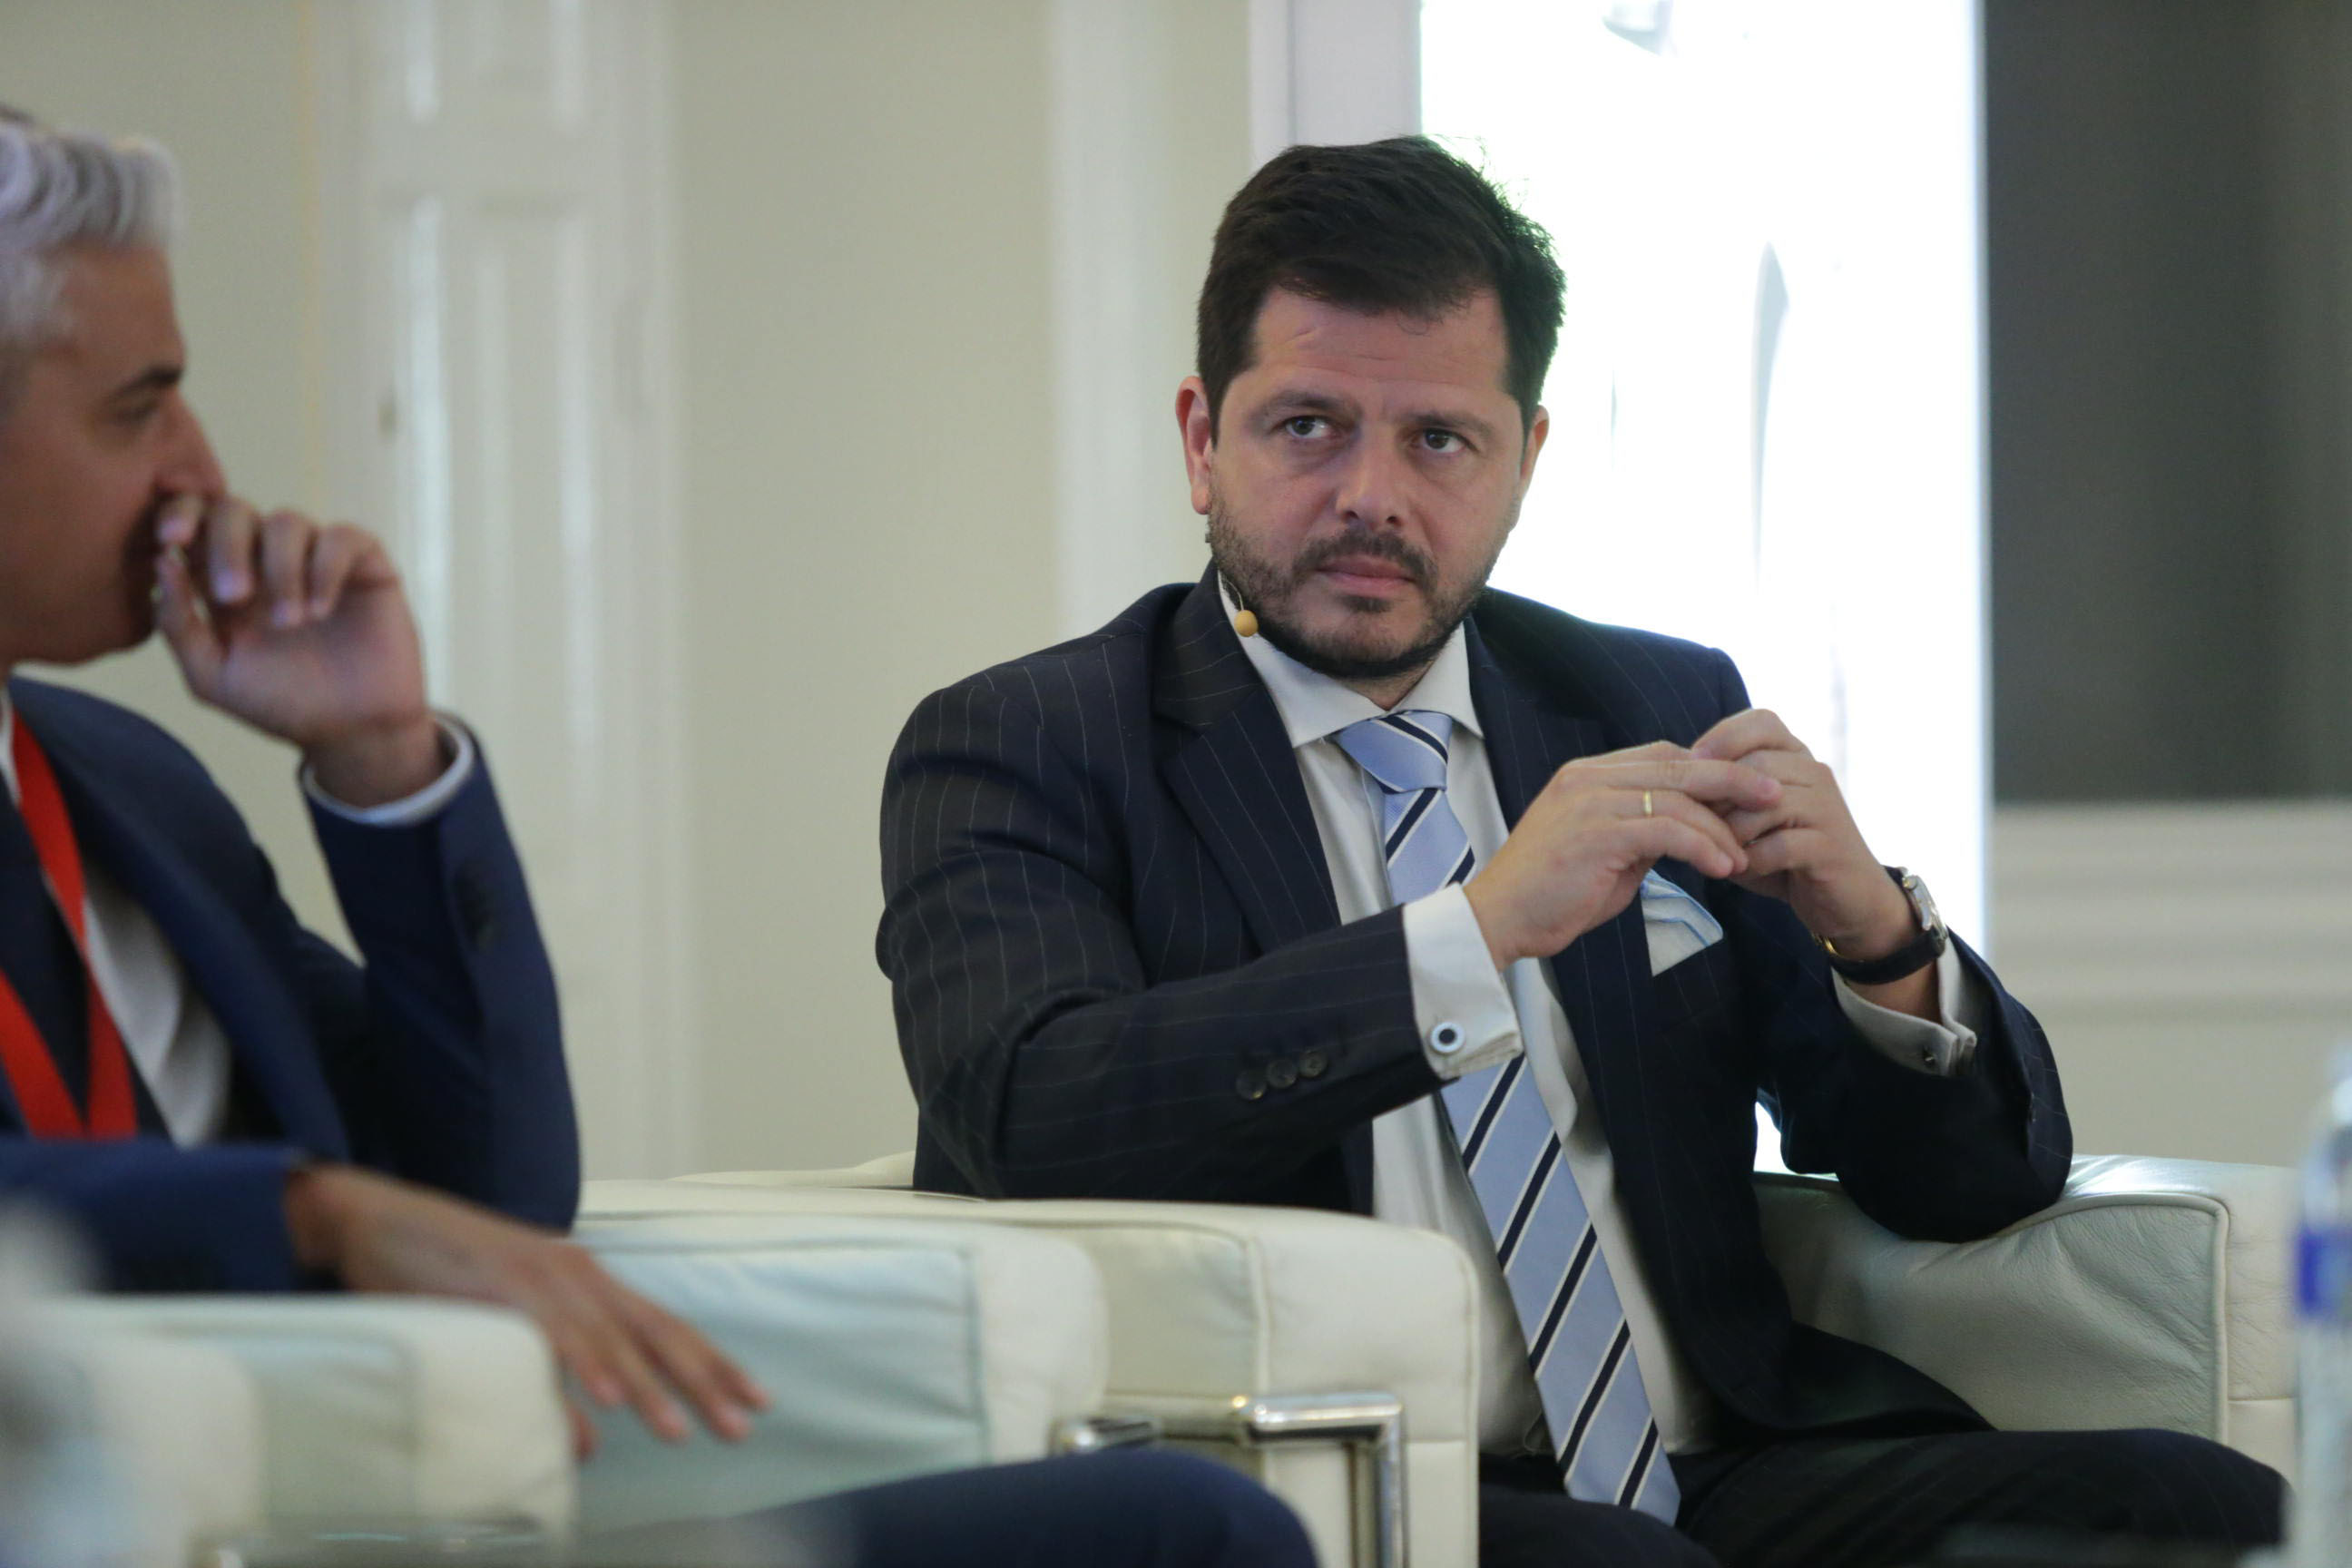 Juan Menéndez es director de Flotas, Remarketing y V.O. en Fiat Crhysler Automobiles (FCA) España. FOTOGRAFÍA: DANIEL SANTAMARÍA / FLEET PEOPLE